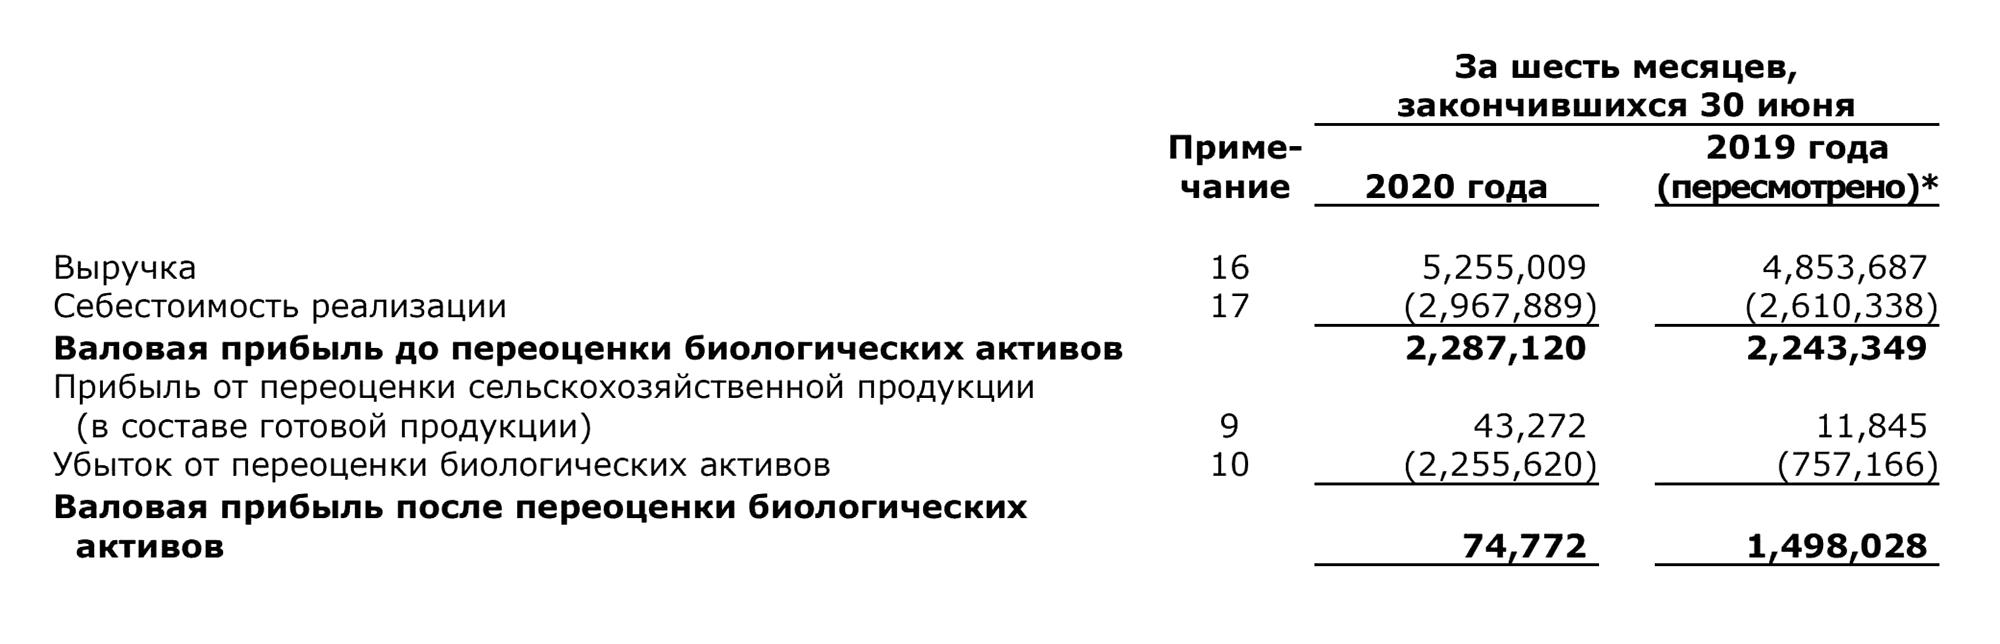 Данные «Русской аквакультуры» из отчета о совокупном доходе за 6месяцев, в млн рублей. Источник: финансовая отчетность «Русской аквакультуры» за 1половину 2020года